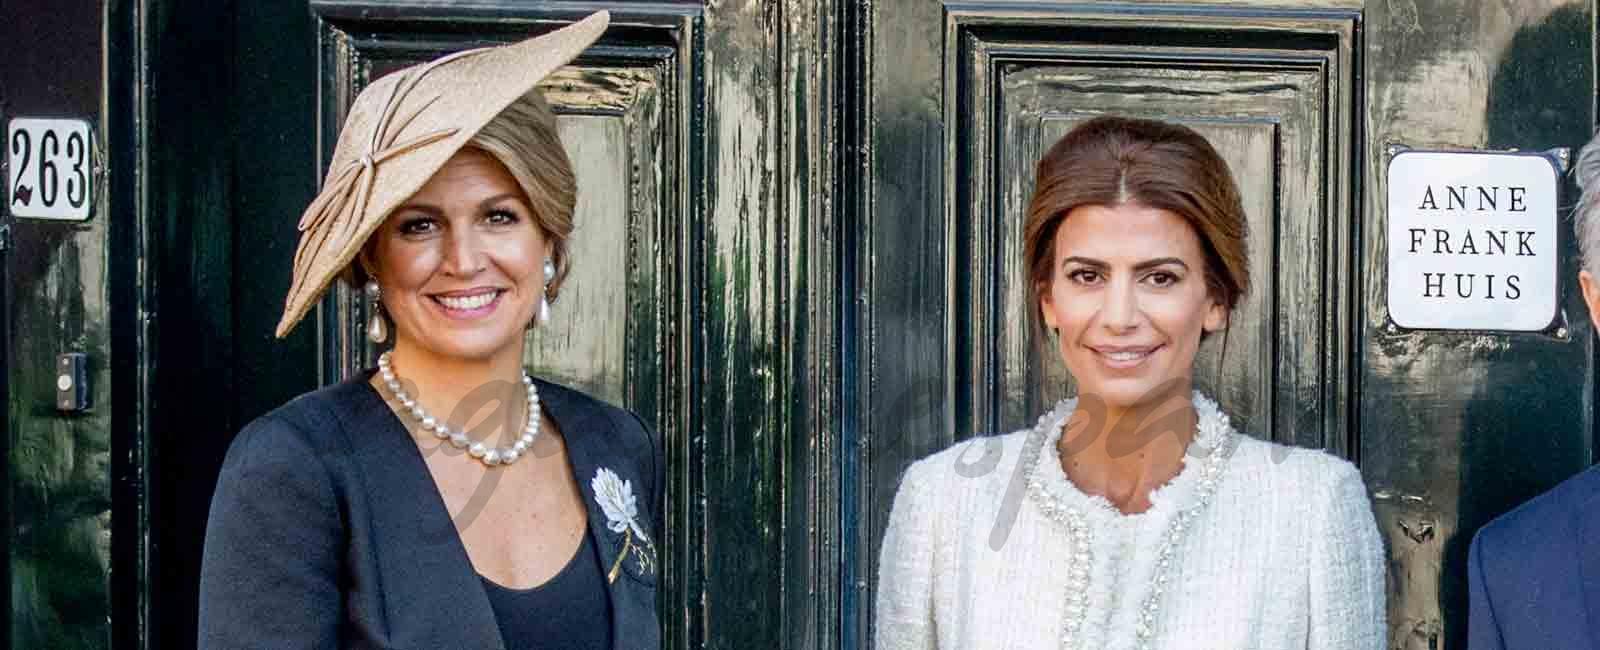 Máxima de Holanda y Juliana Awada compiten en elegancia